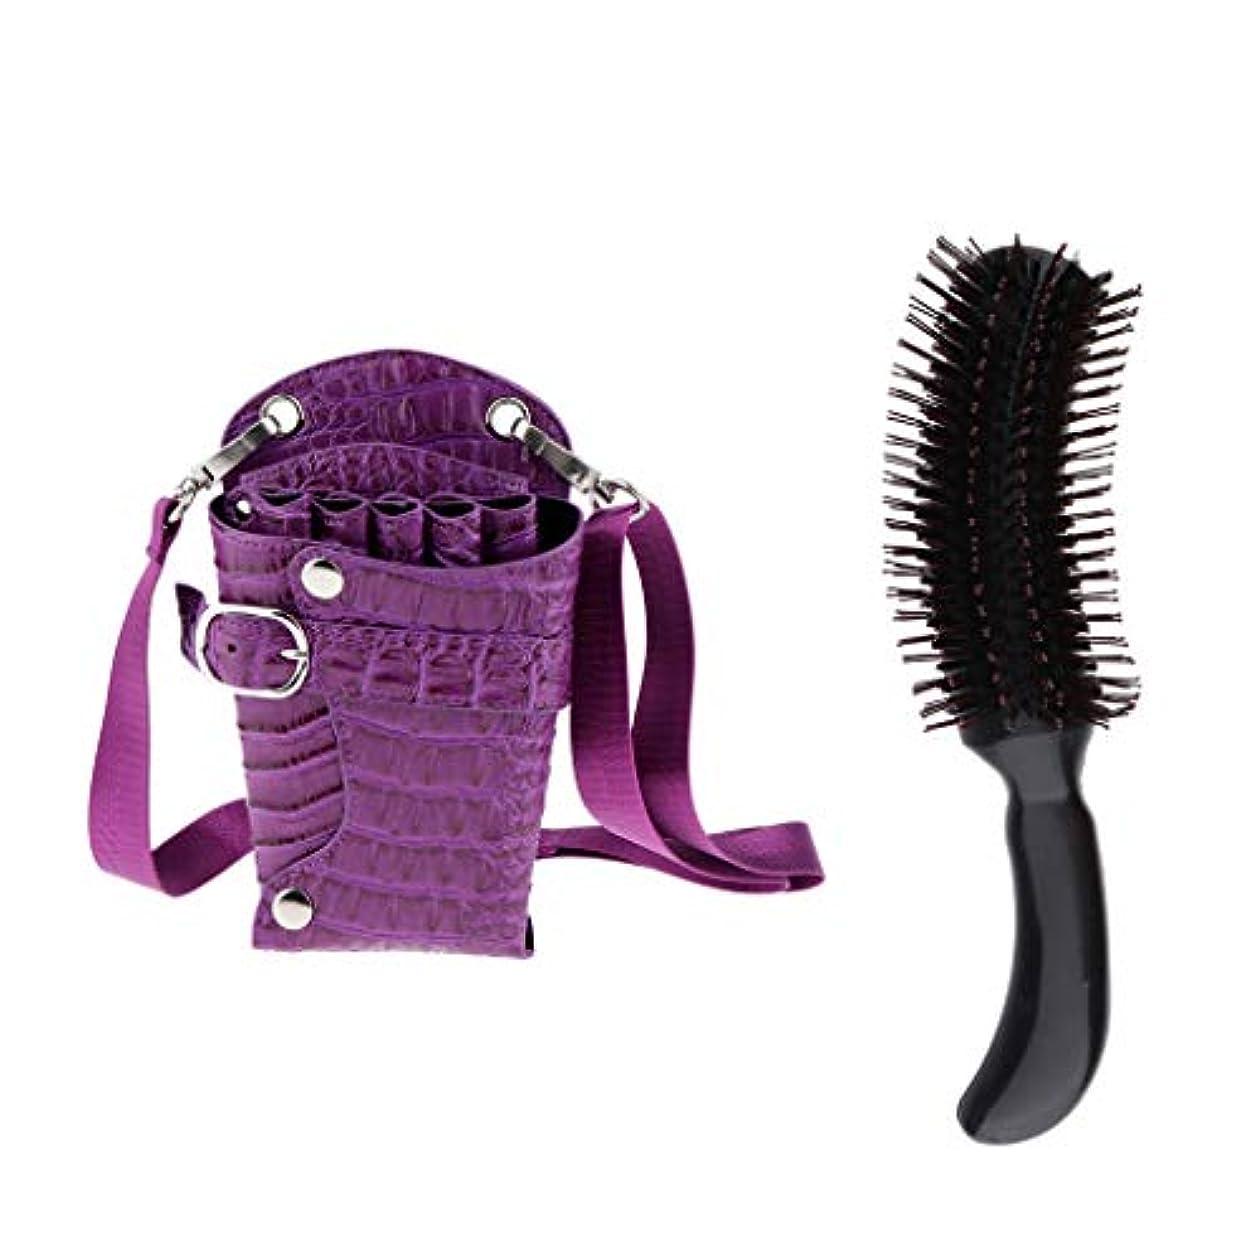 汚す恐れ写真DYNWAVE 理髪はさみツールホルダーケース&スタイリングデタングルヘアブラシS形状